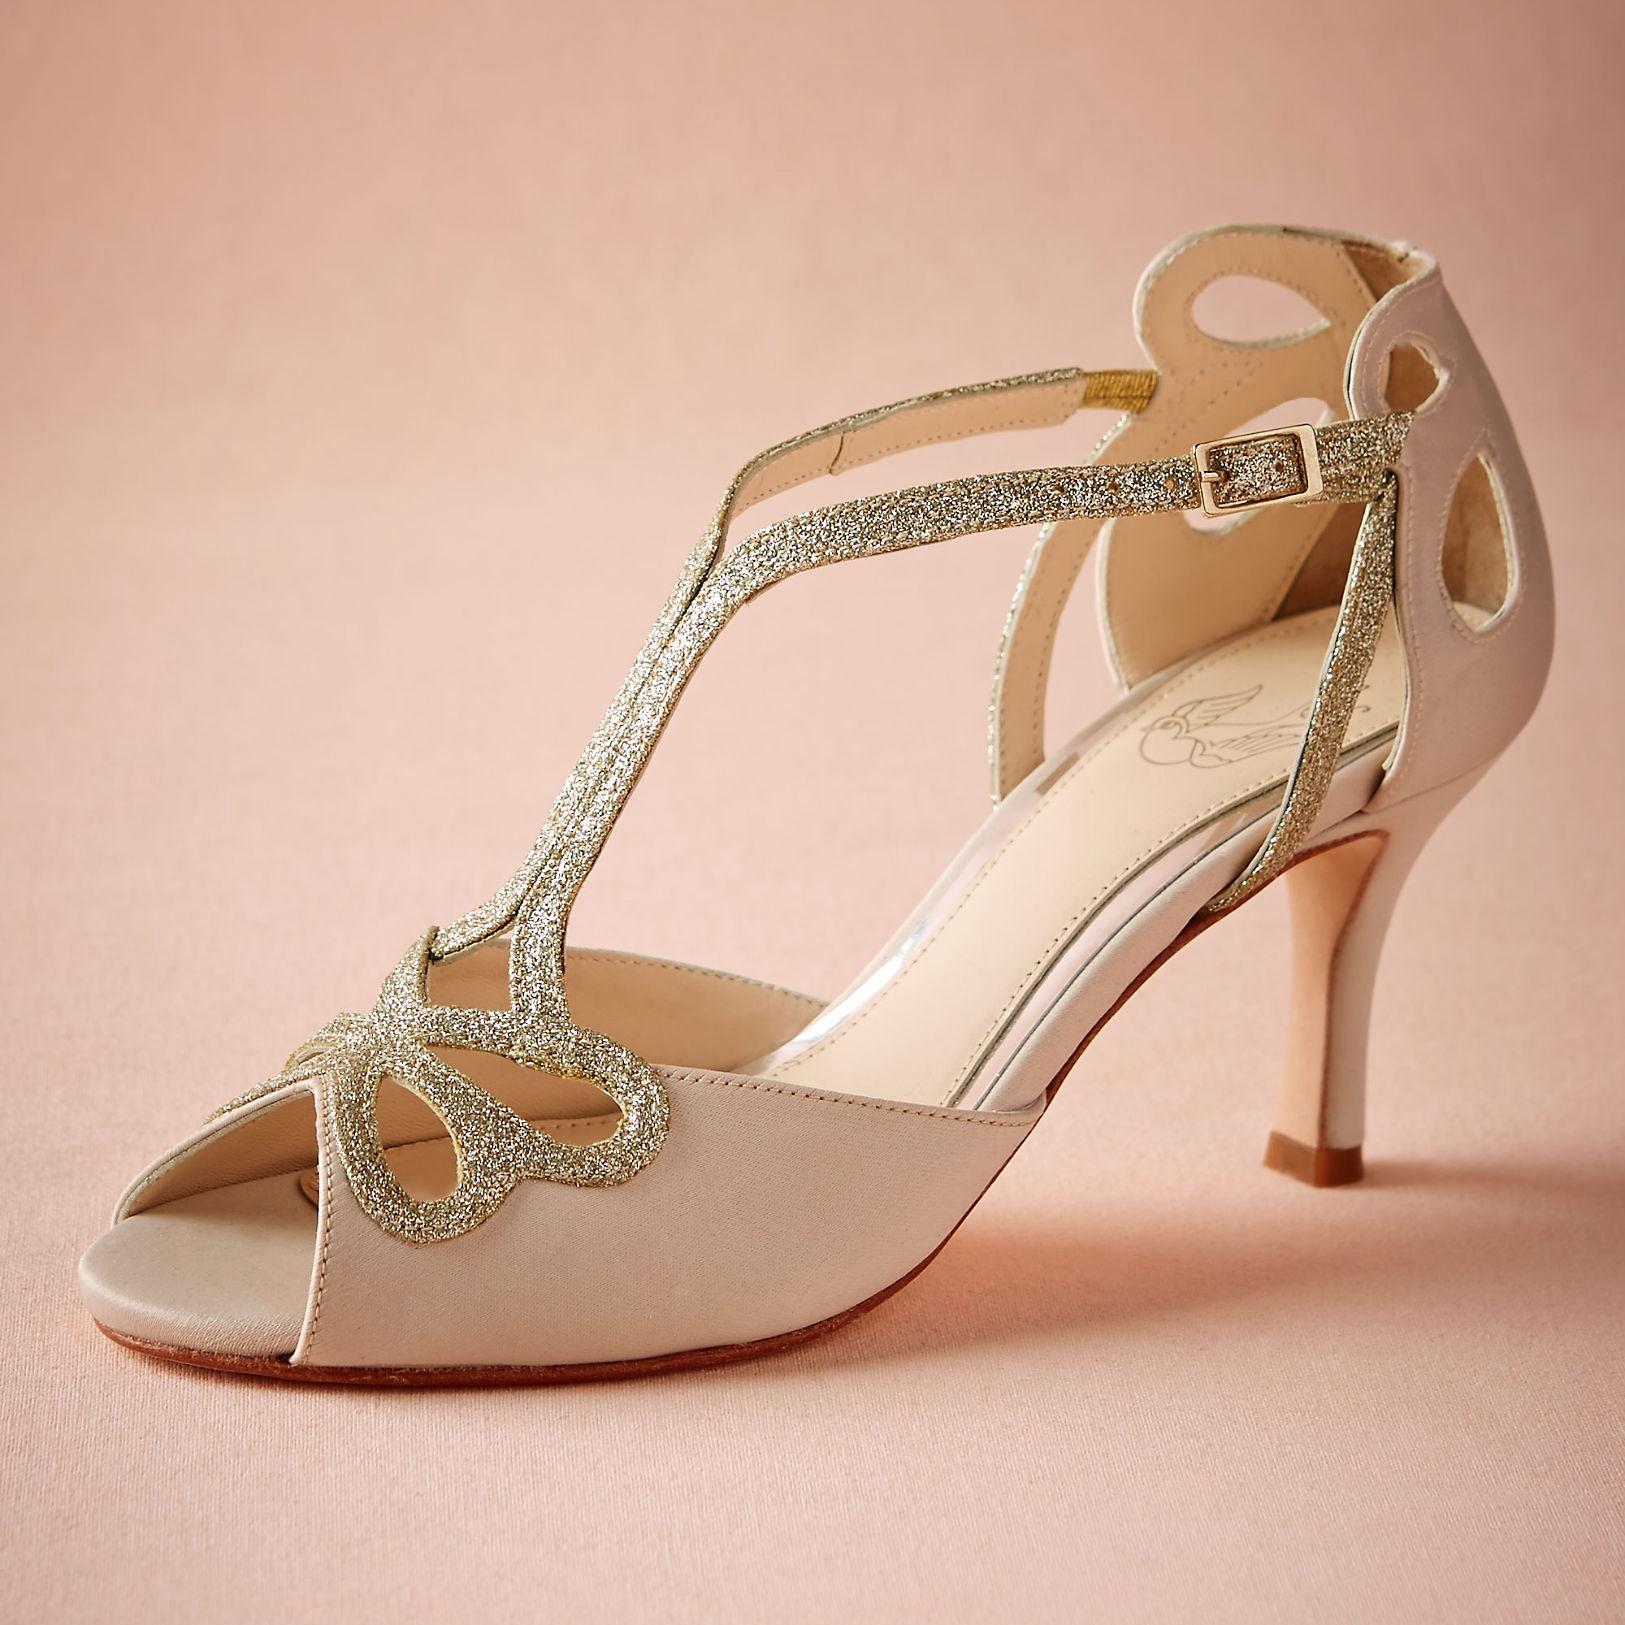 0e1c914f73381 Compre Blush Zapatos De Boda De Tacón Bajo Hollow Out Peep Toe Sandalias  Nupciales Para Mujer Hebilla 4 Envuelto Heel Sparking Glitter Zapatos De  Baile ...